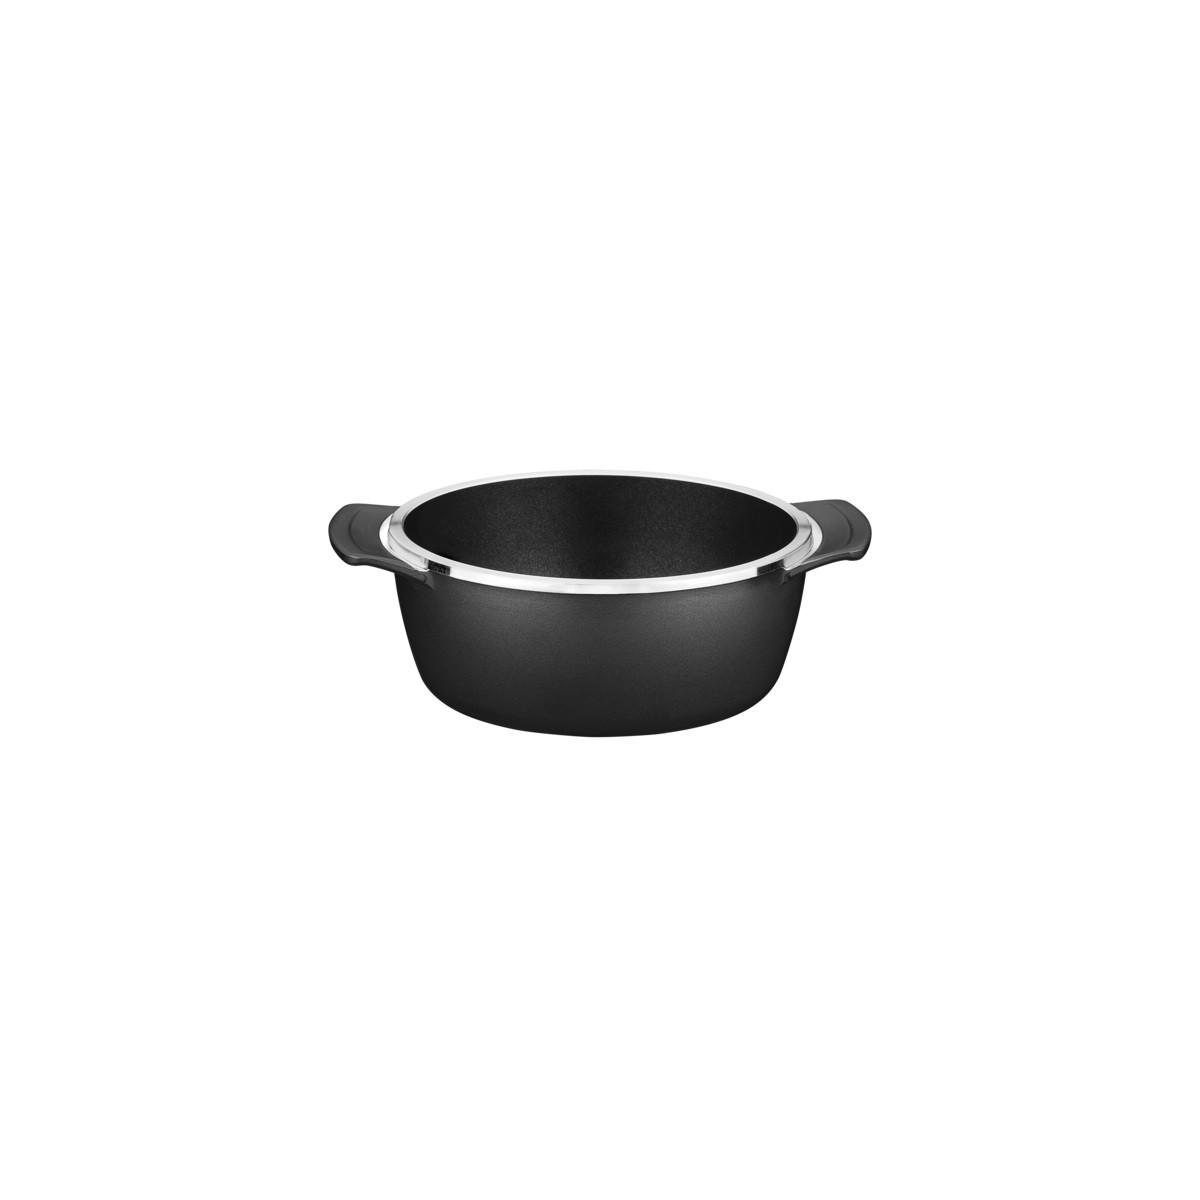 Jogo Panela Mini Cocotte 10cm e Caçarola Quadrada 28cm Tramontina  - Sua Casa Gourmet e Cia